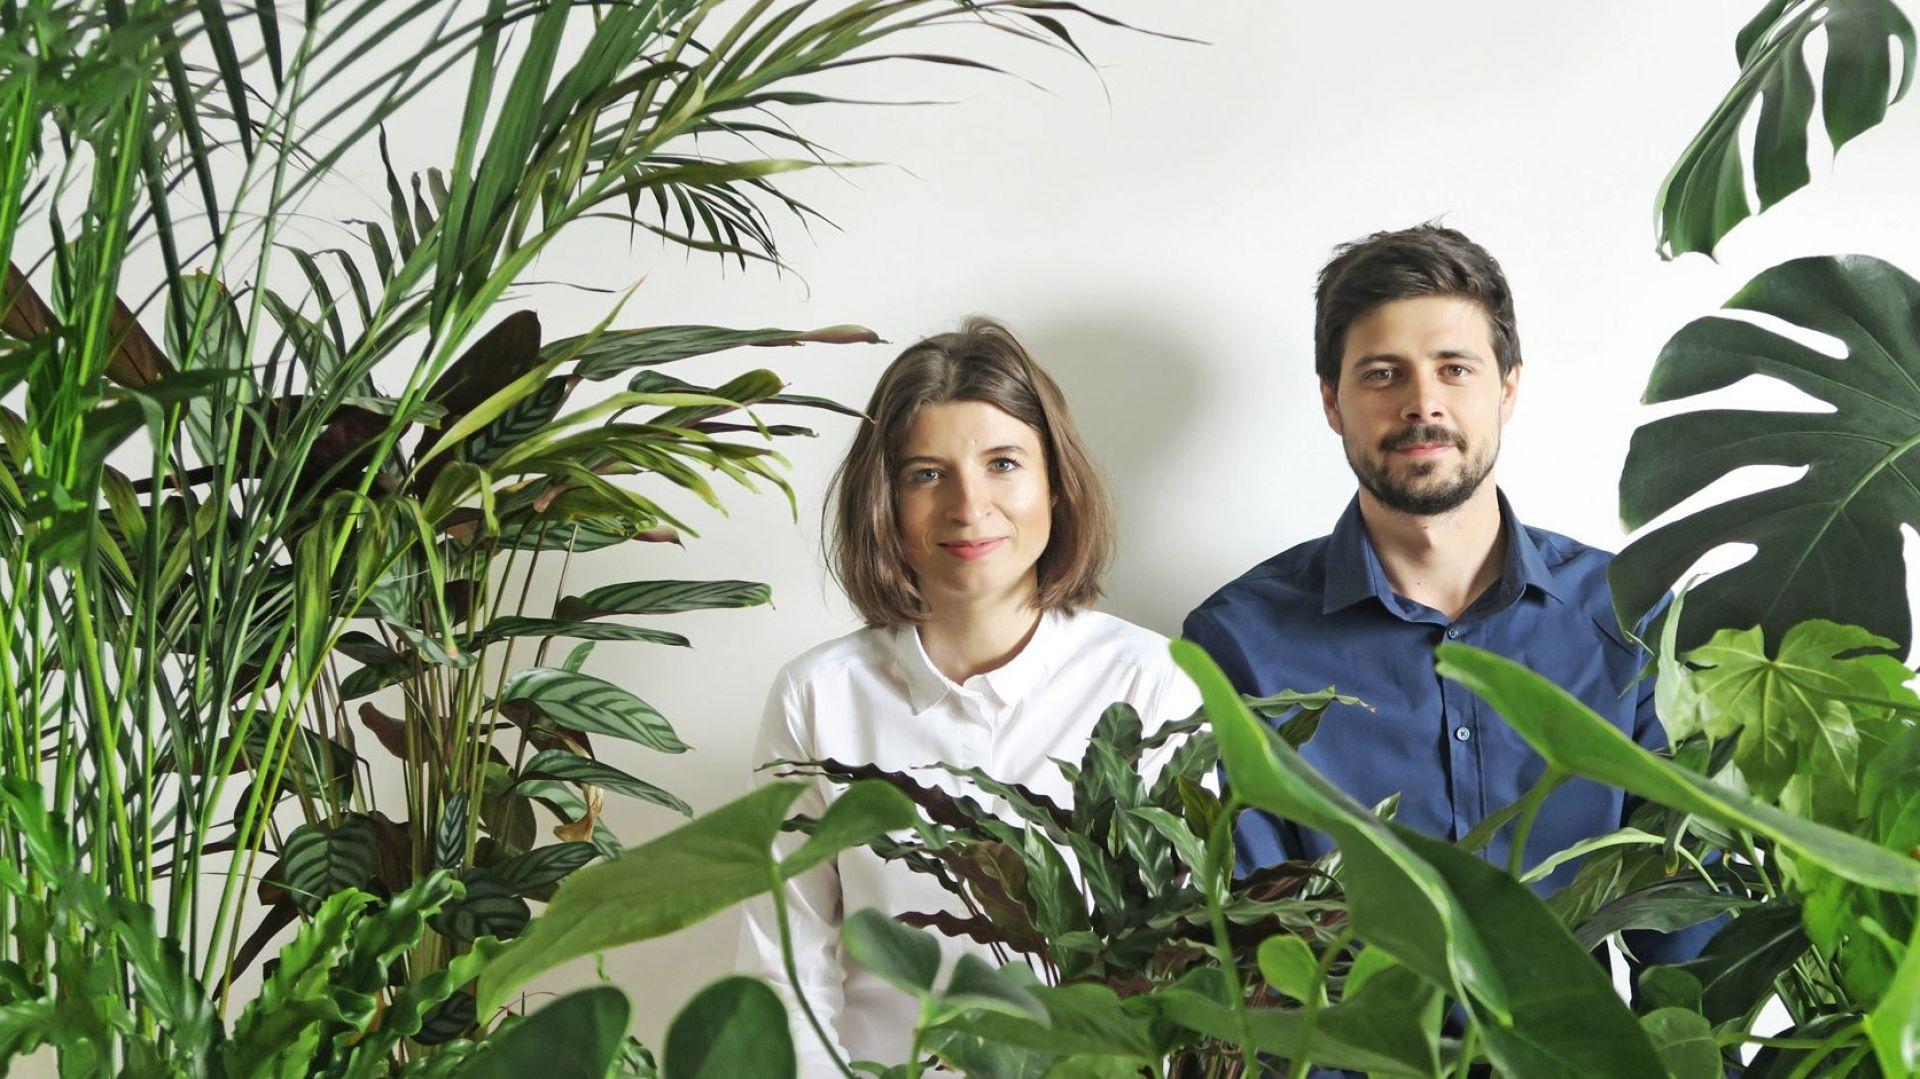 Szymon i Izabela Serej, twórcy marki Bujnie. Fot. Bujnie